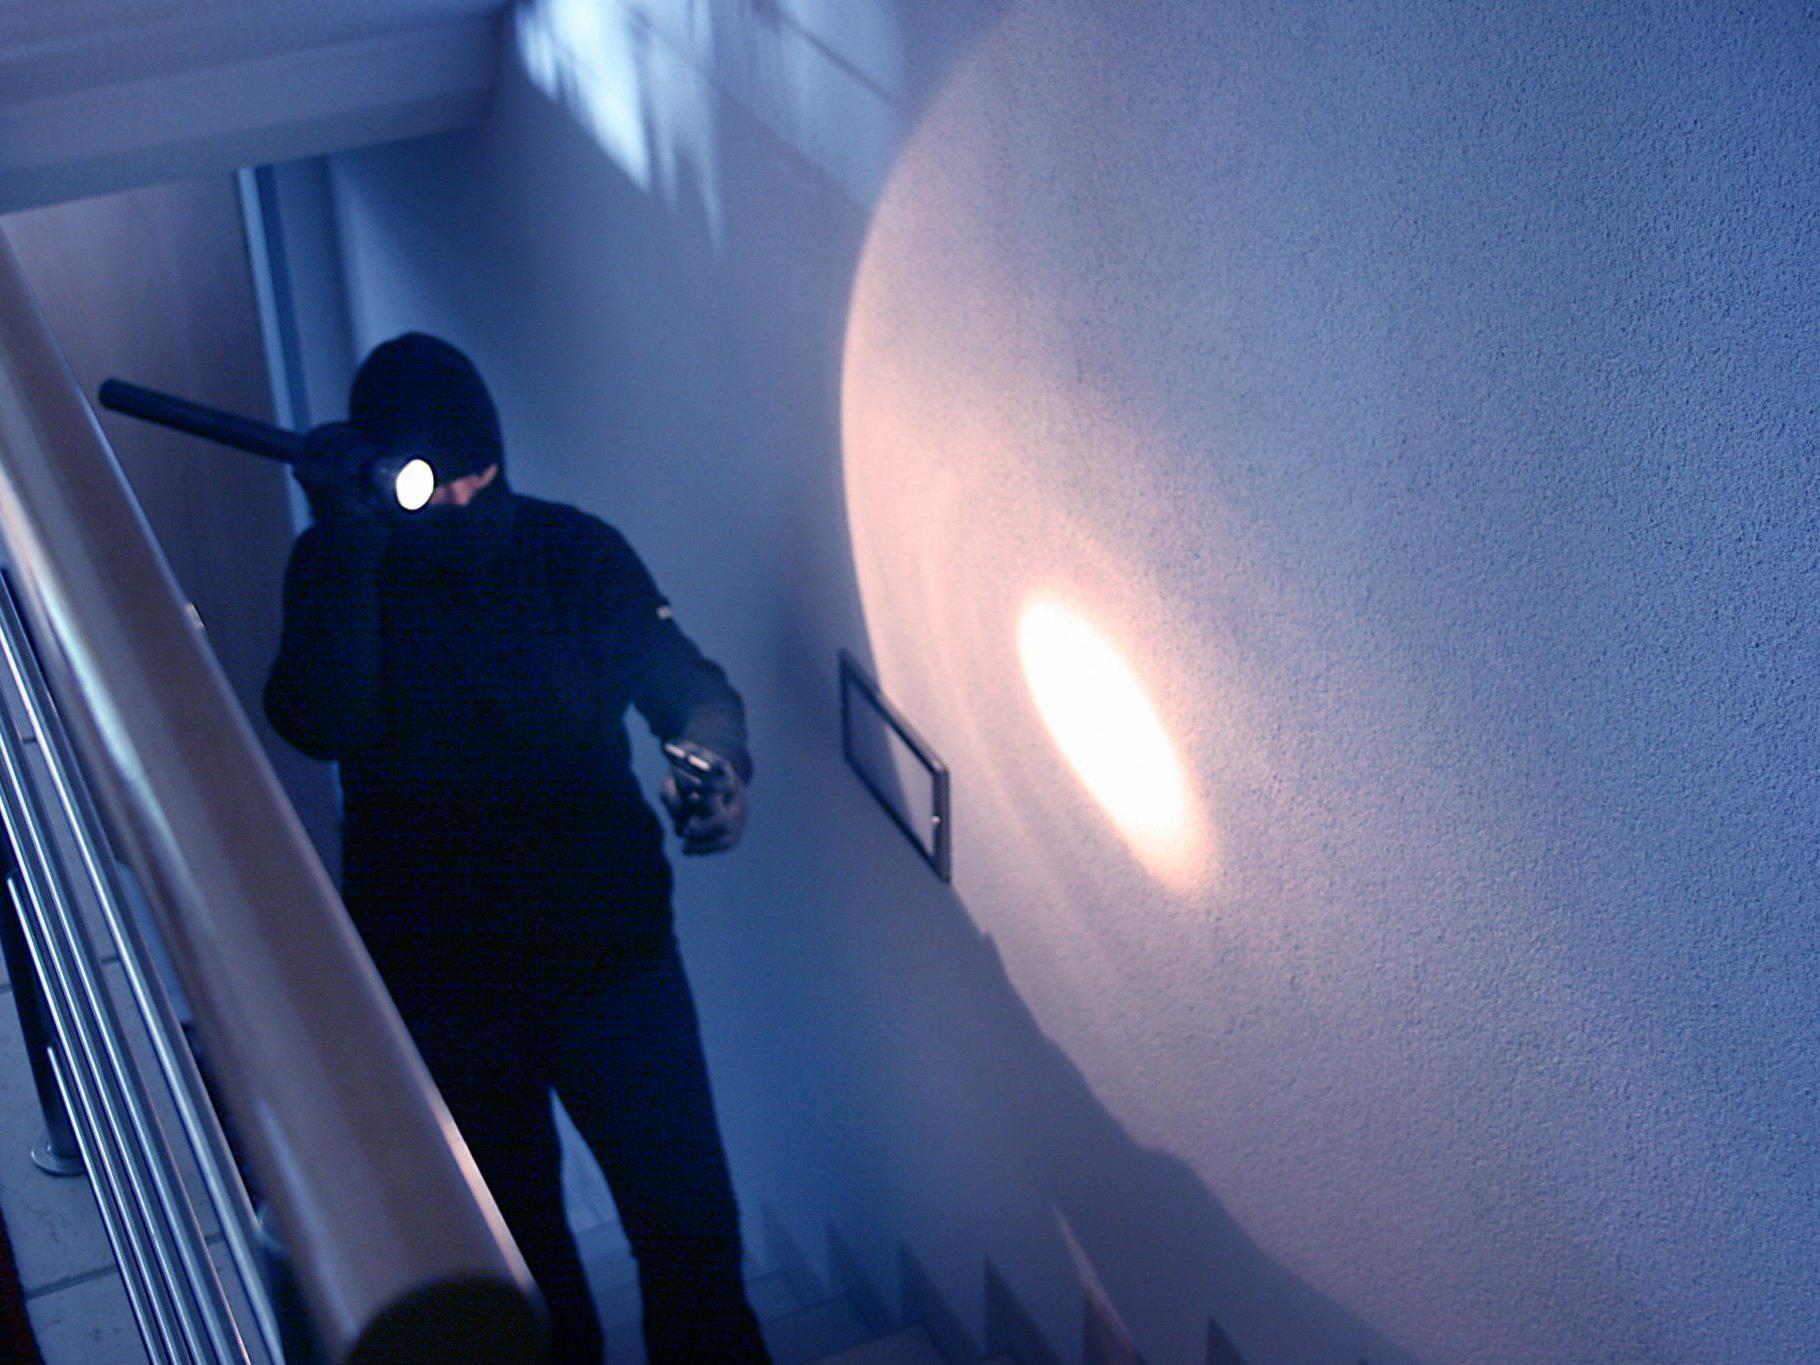 Die Einbrecher konnten dank einer aufmerksamen Zeugin von der Polizei geschnappt werden.